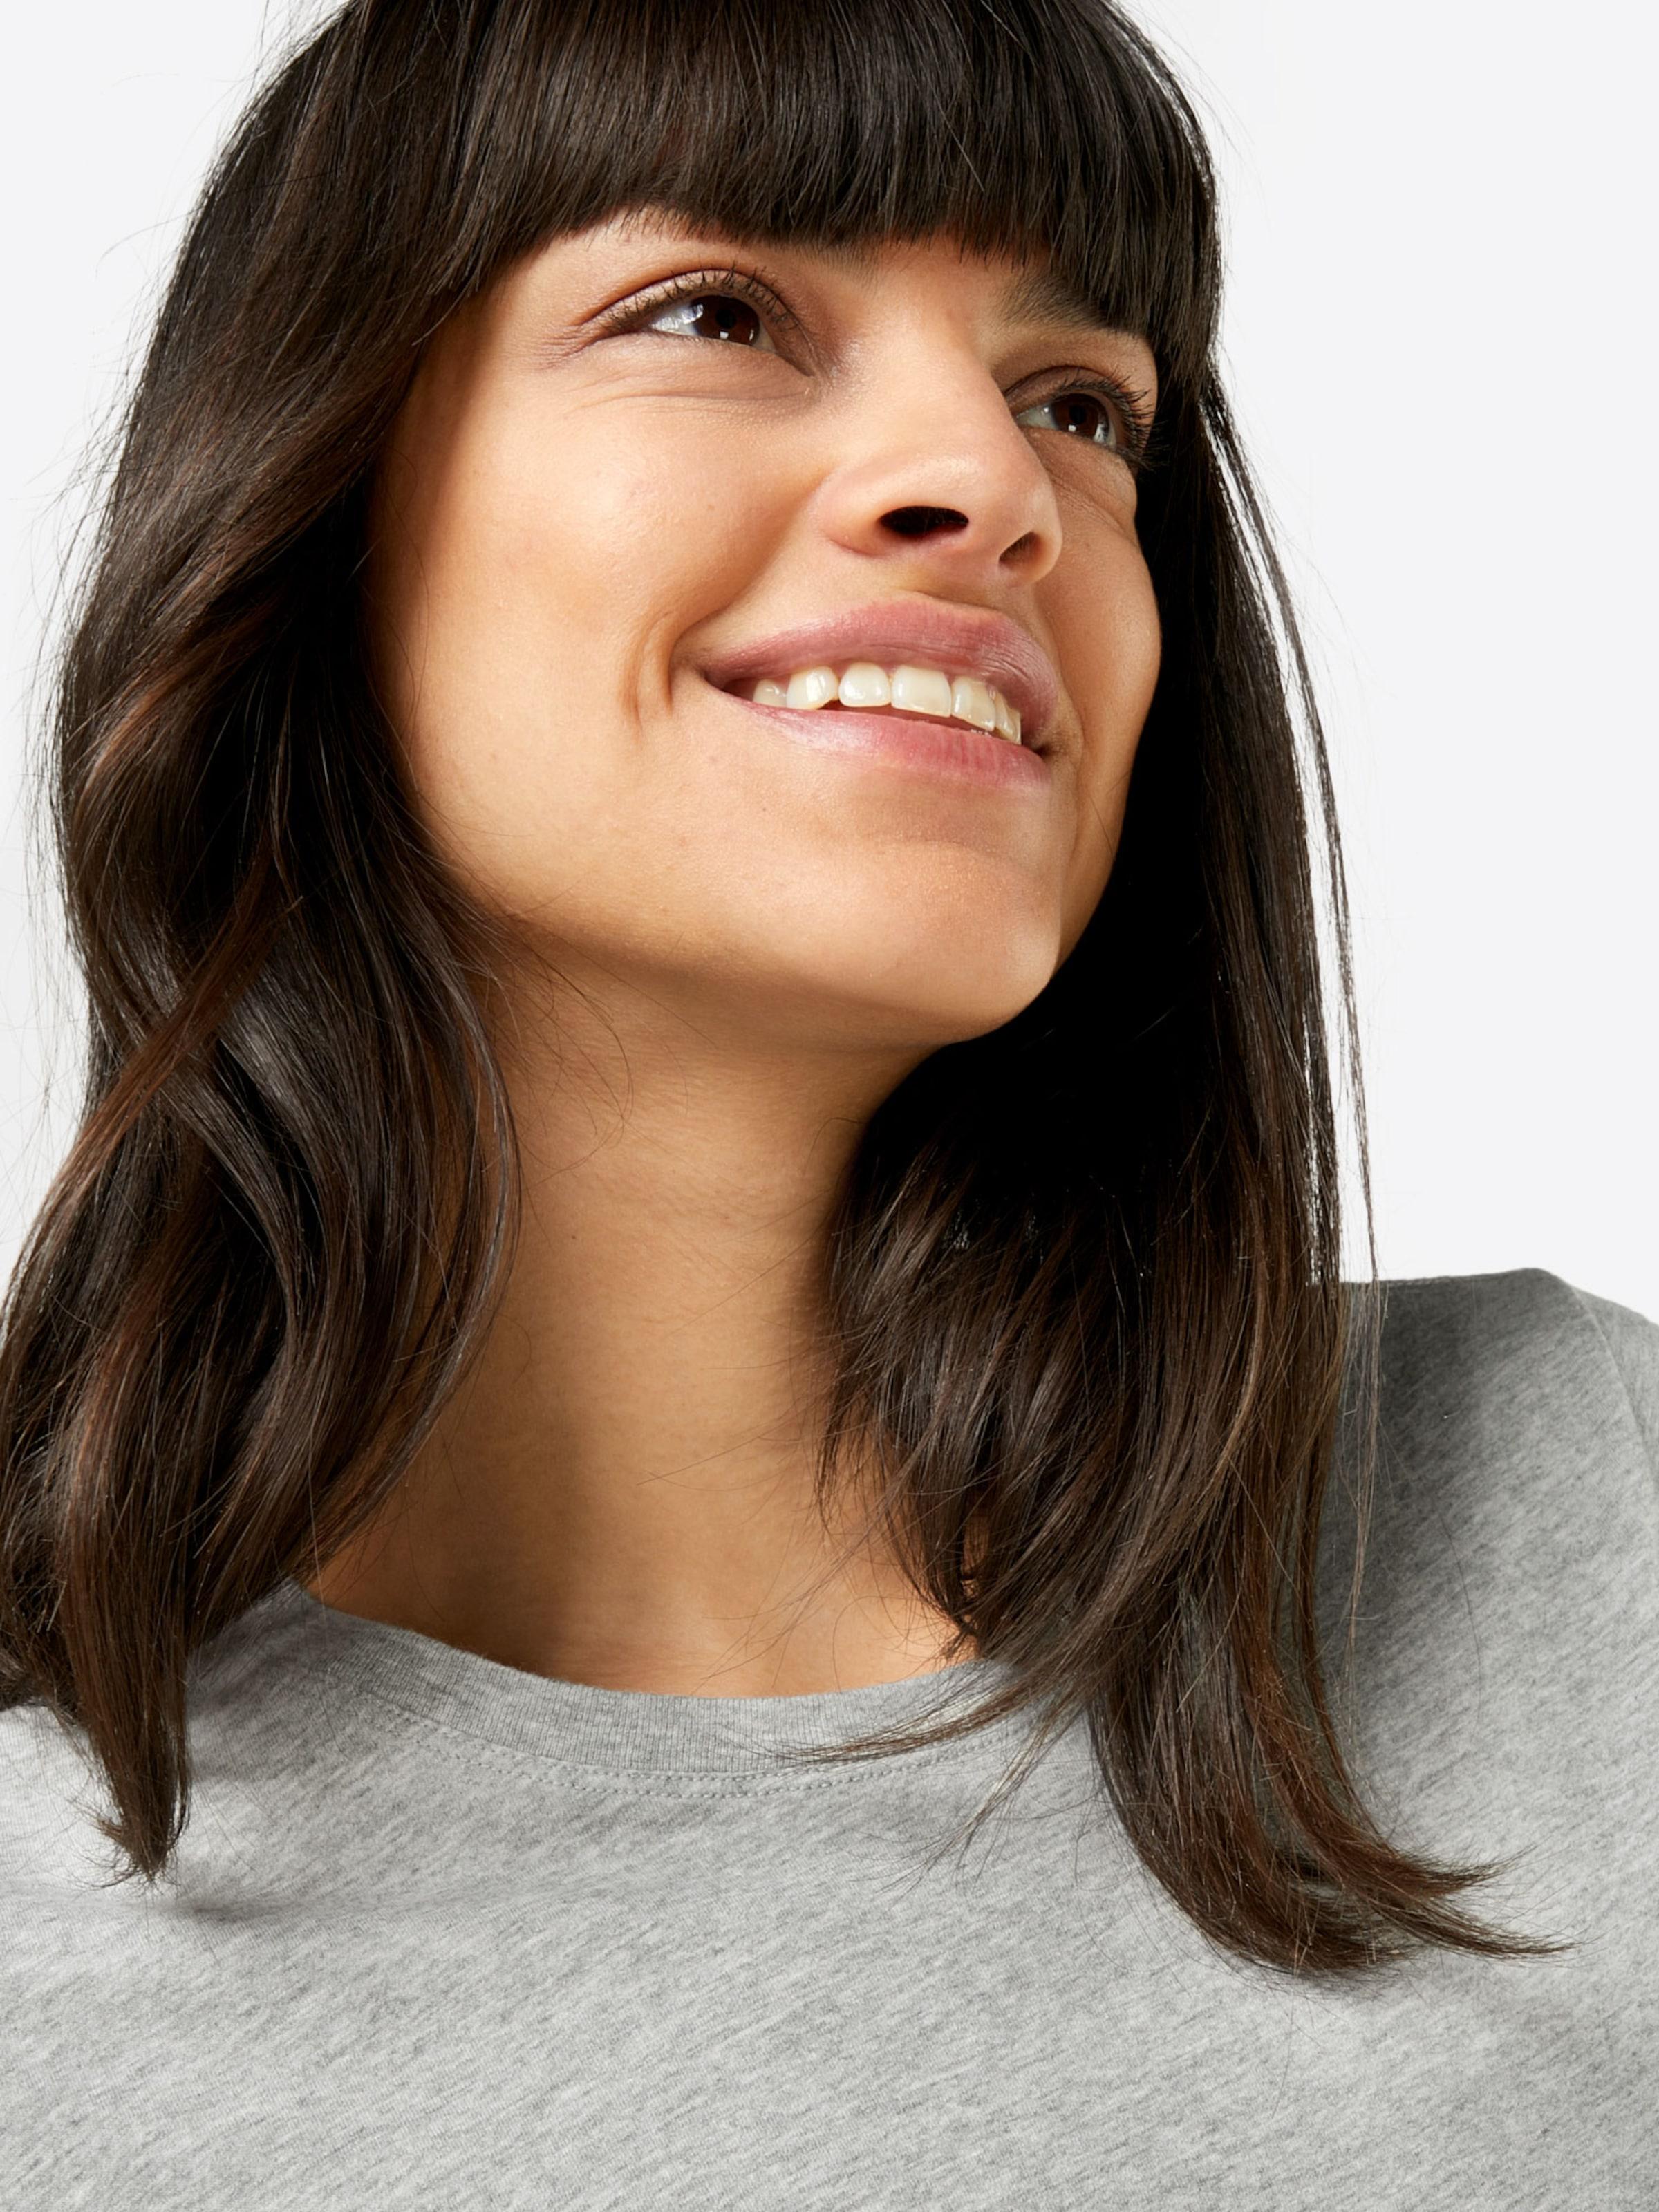 GAP Shirt 'VINT' Steckdose Vermarktbaren Steckdose Neu To2rbRKMH